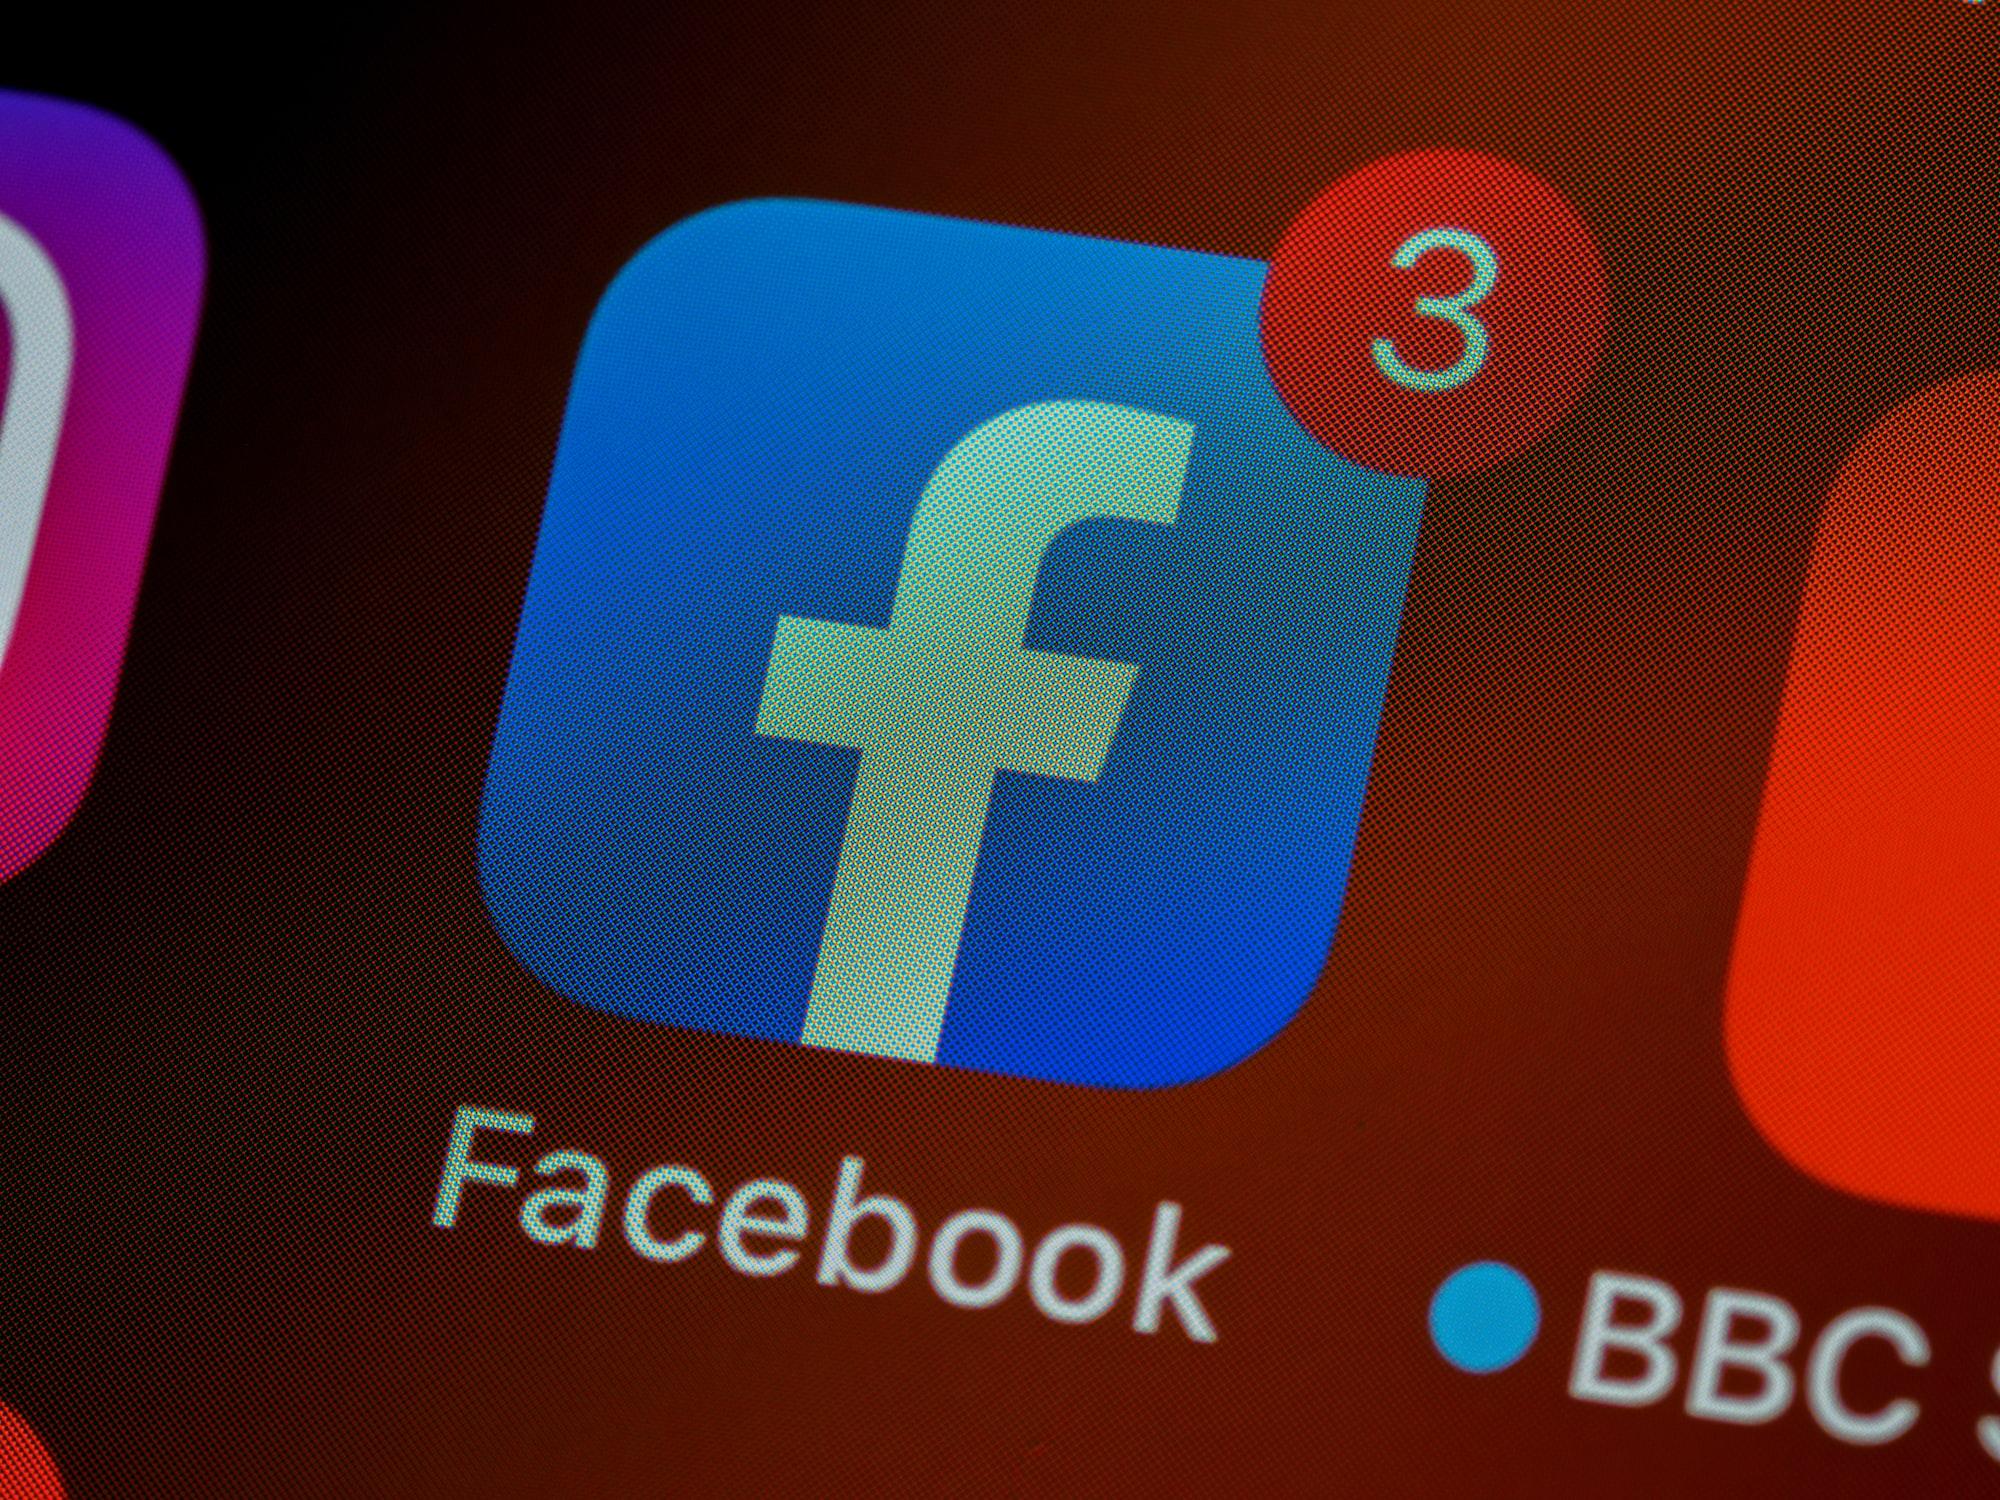 Facebook рассказал, что в 6-часовом отключении виновато «ошибочное изменение в конфигурации» маршрутизатора